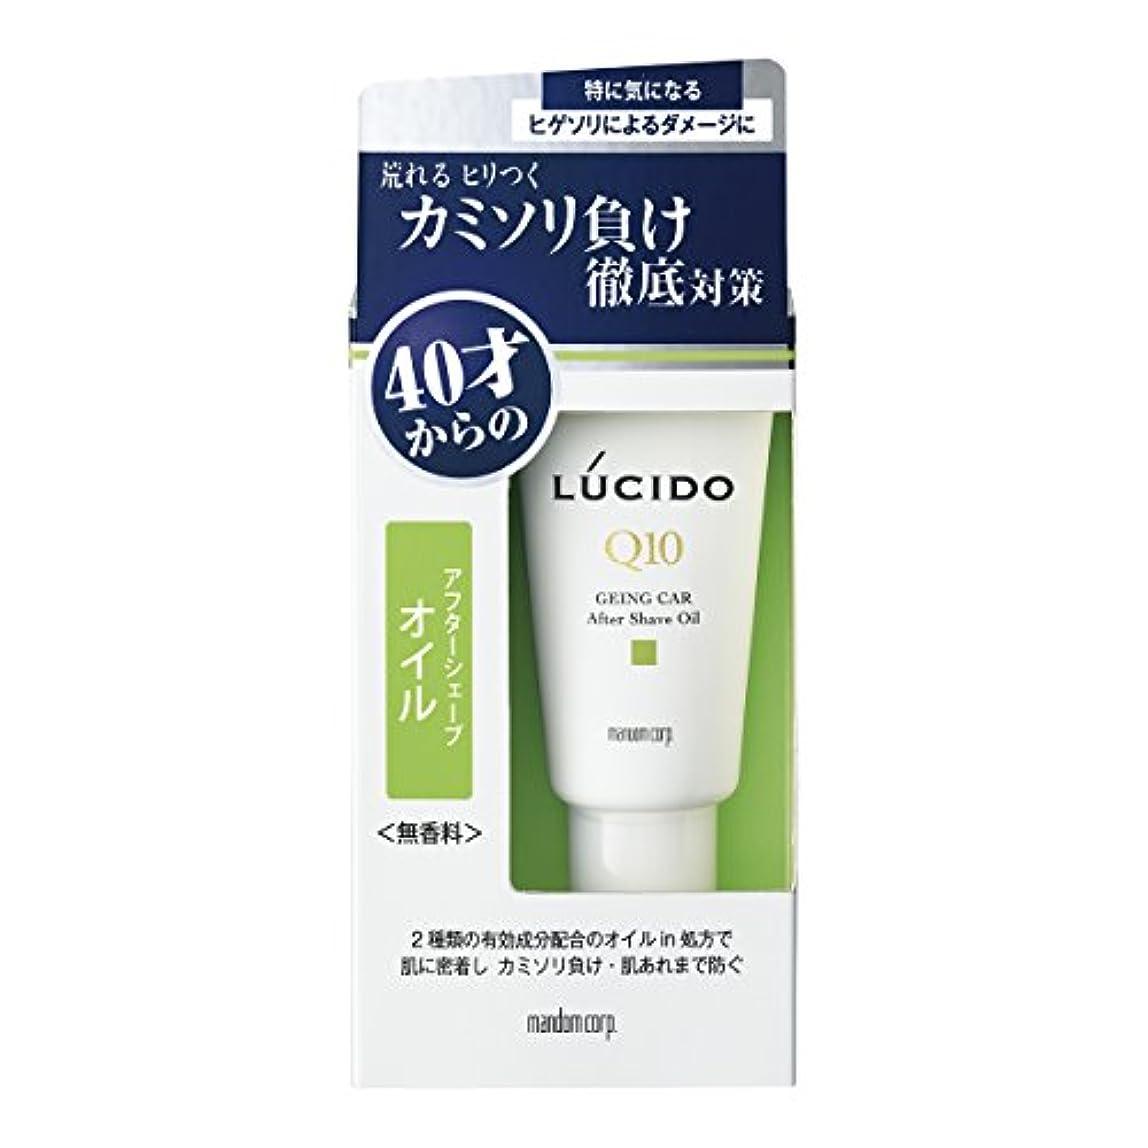 アンケートバンガロー統治するルシード 薬用 アフターシェーブオイル (医薬部外品)30g